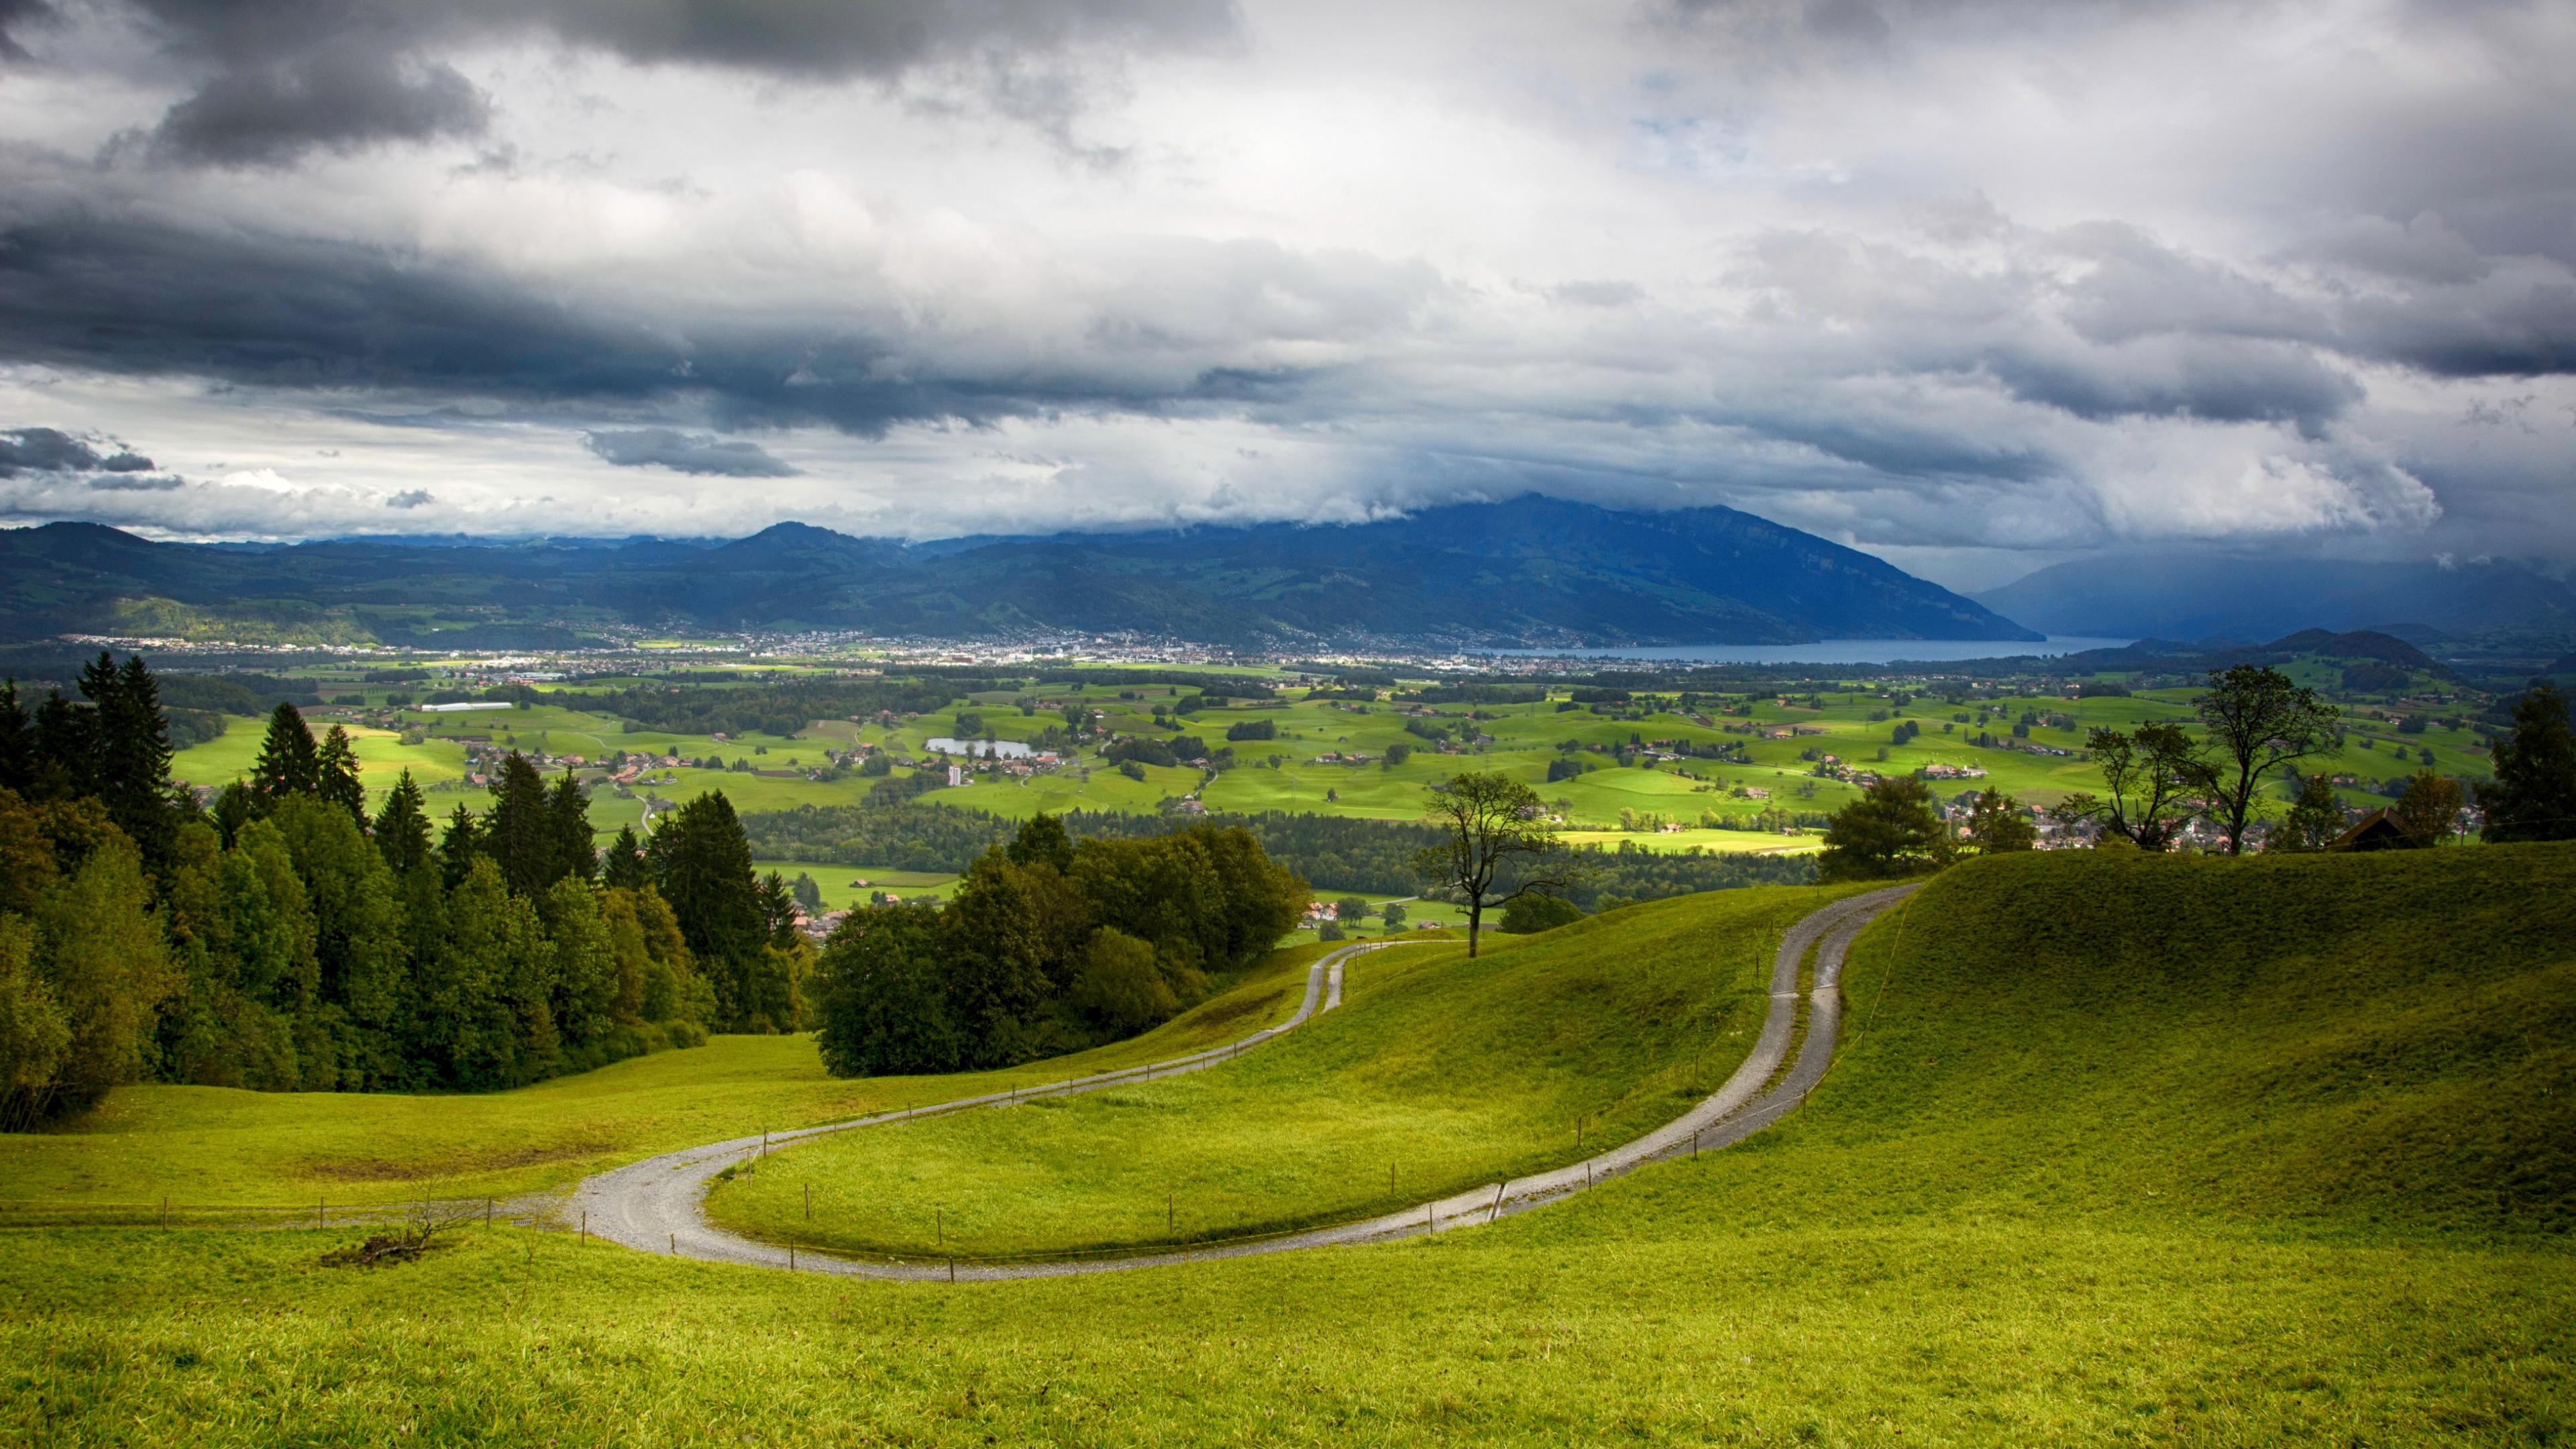 Wallpapers Hd Para Facebook Wallpaper Switzerland 4k Hd Wallpaper Hills Mountains